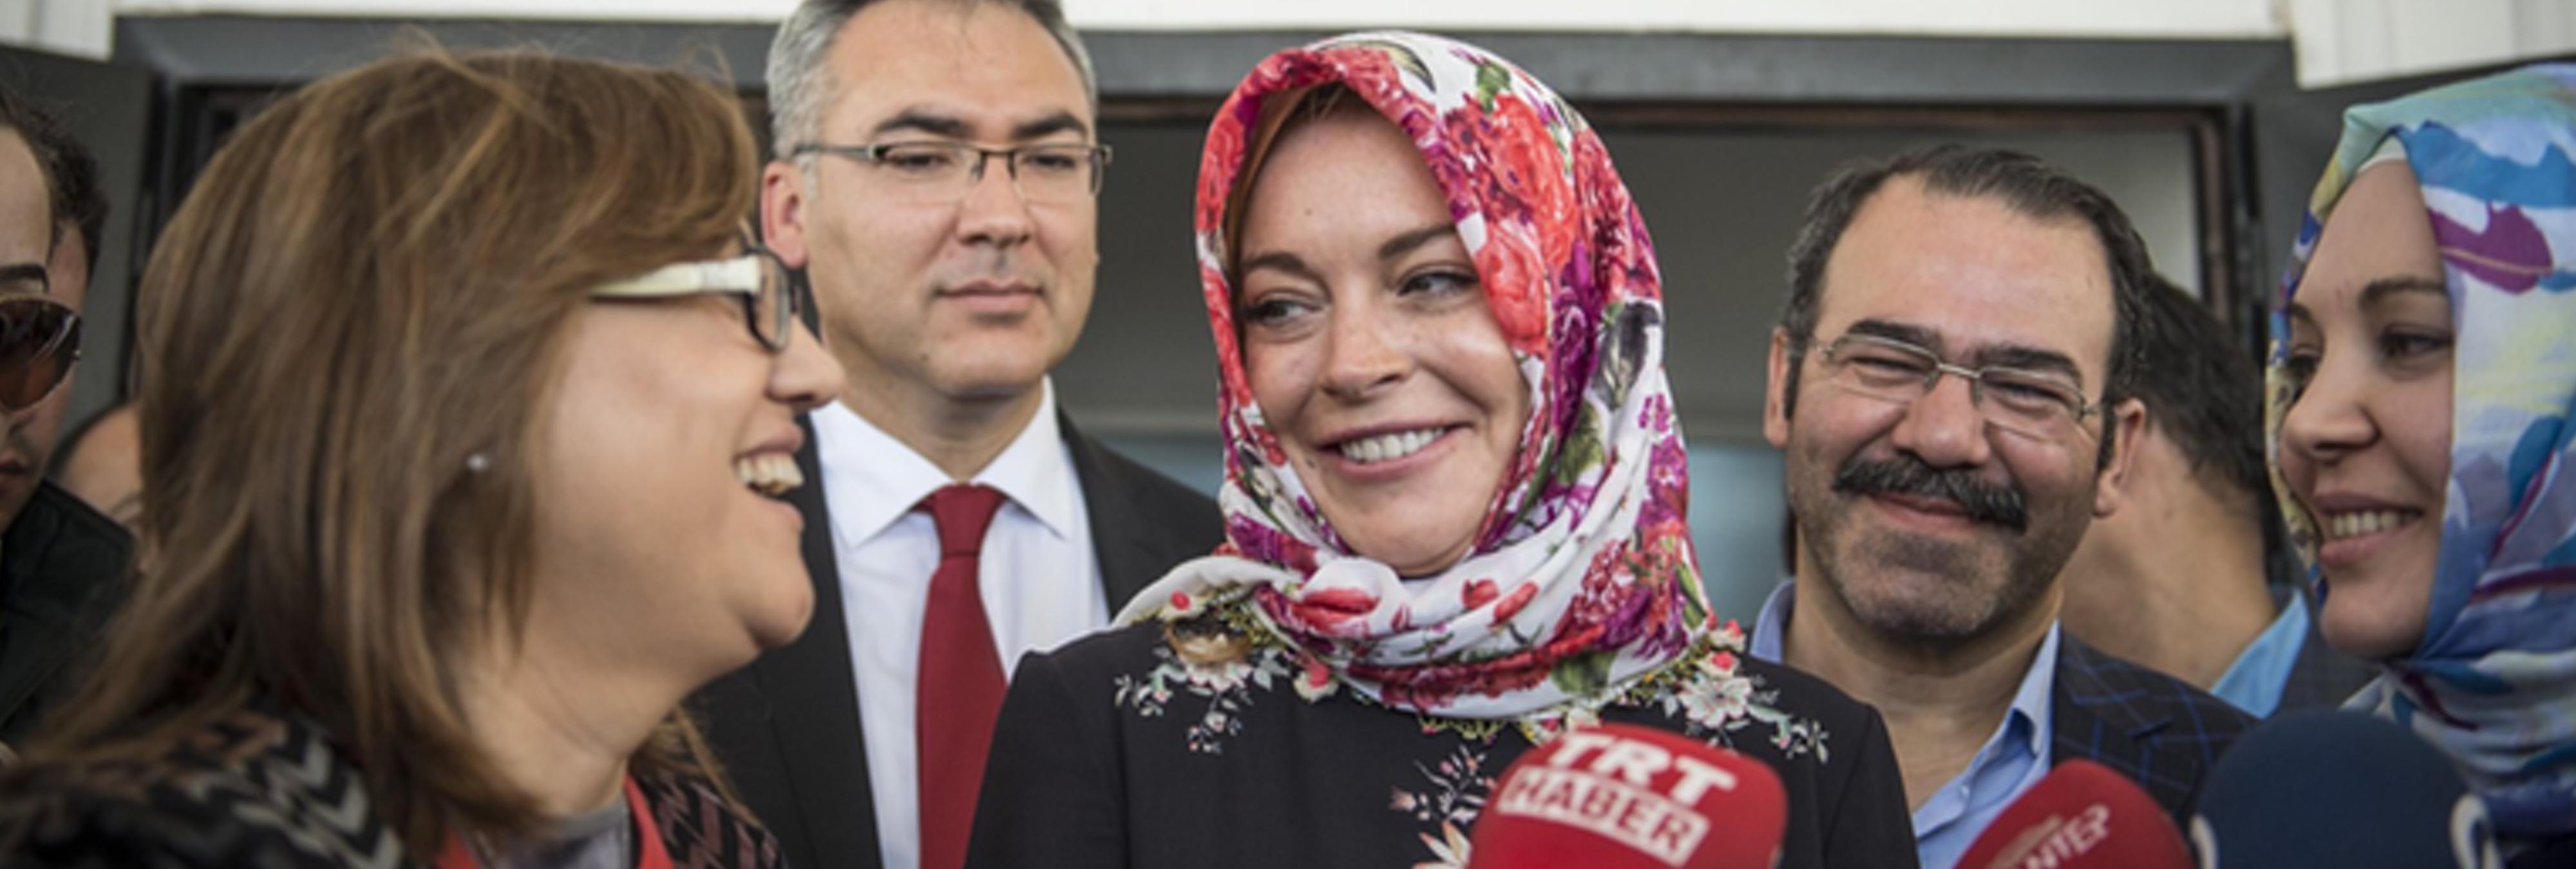 Lindsay Lohan, musulmana de bien, denuncia discriminación racial por llevar velo